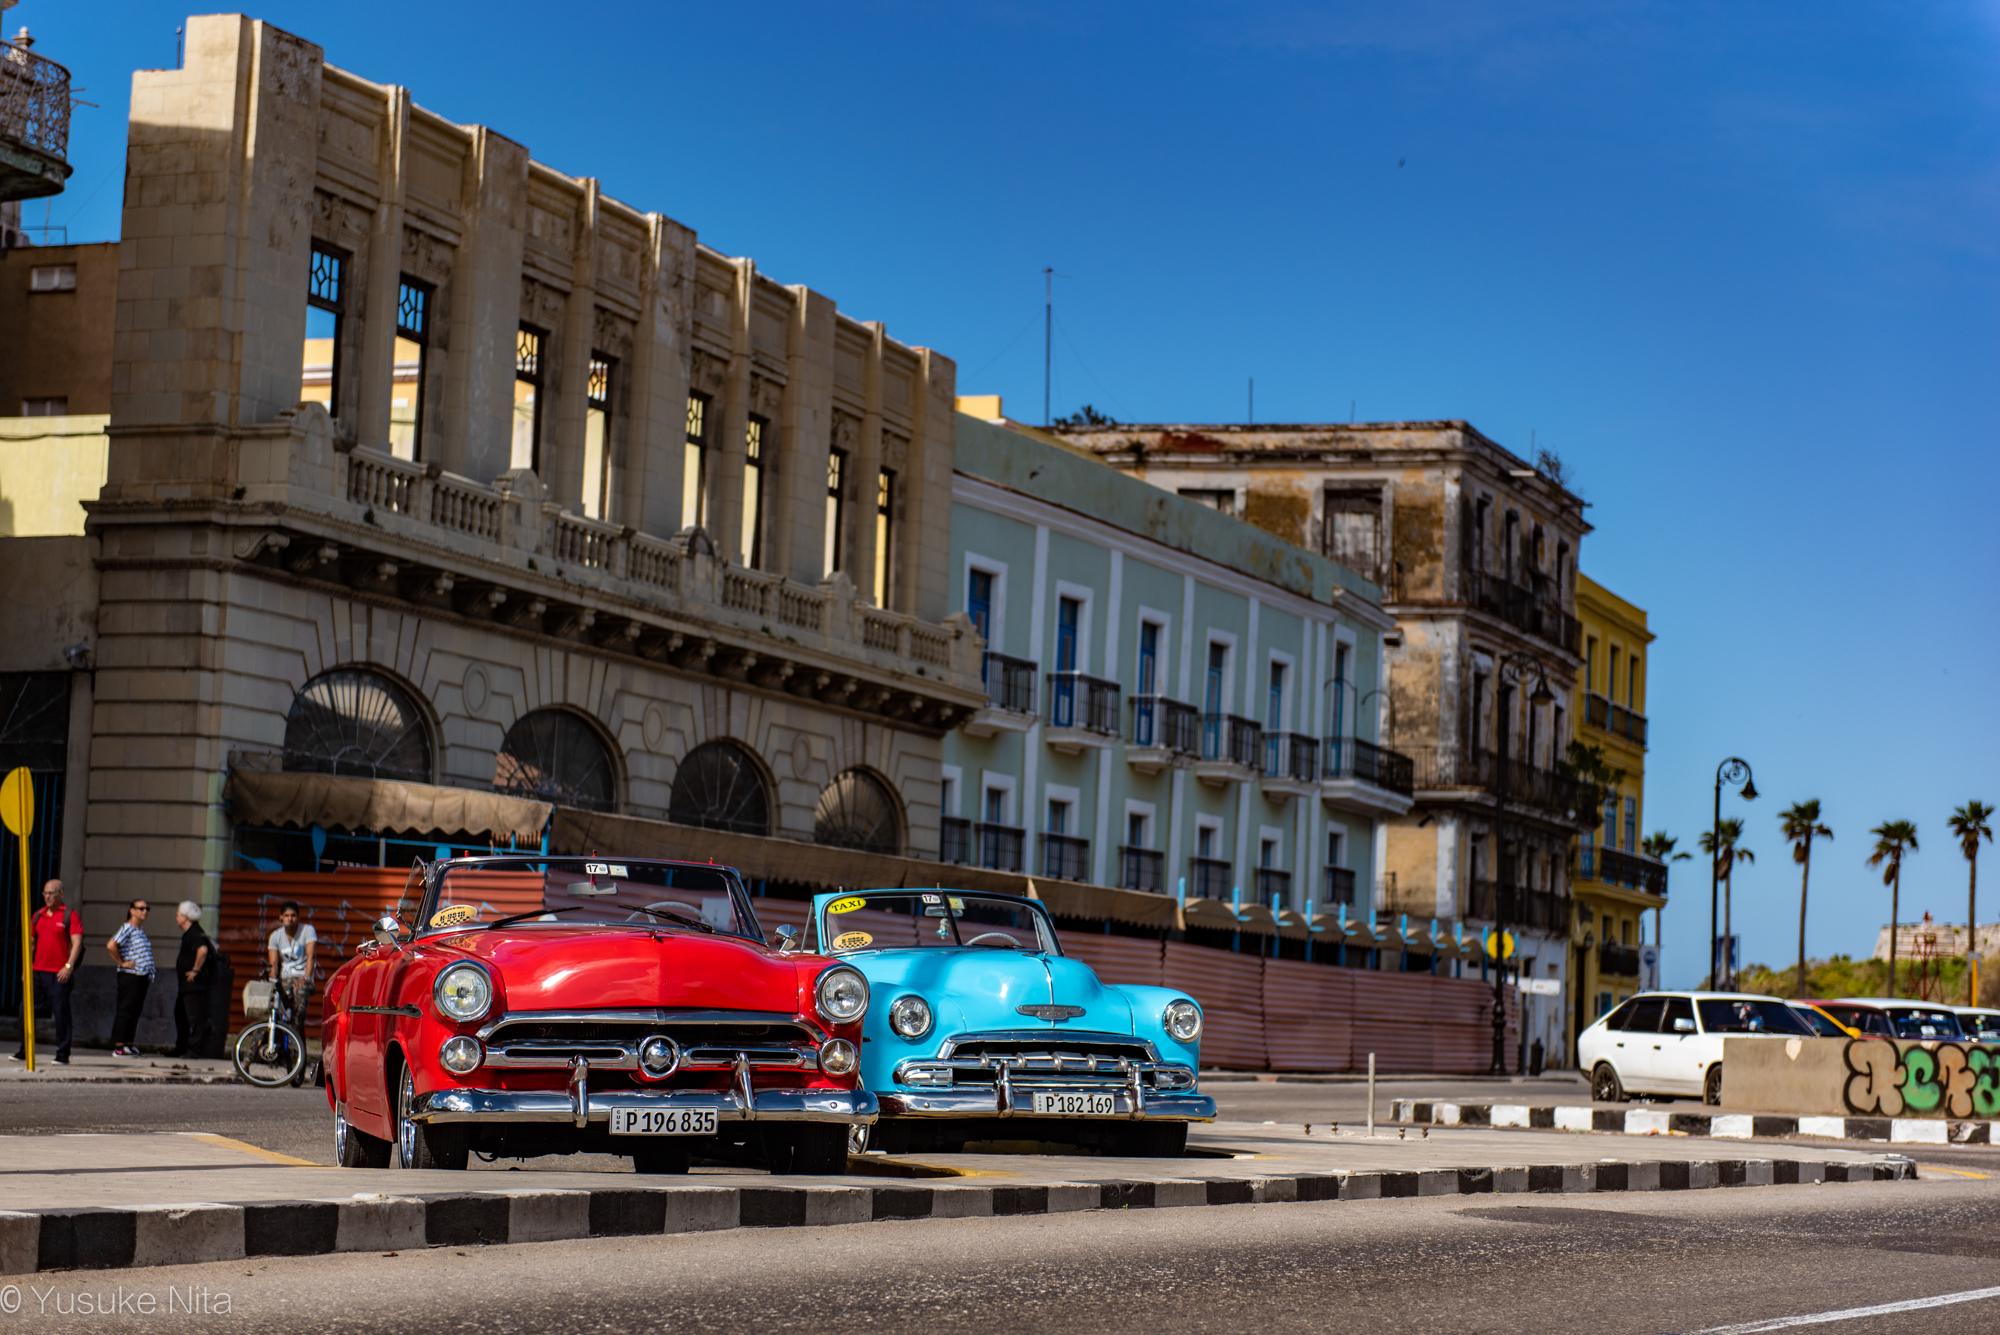 オールド・ハバナの街並みはまさにヨーロッパ!